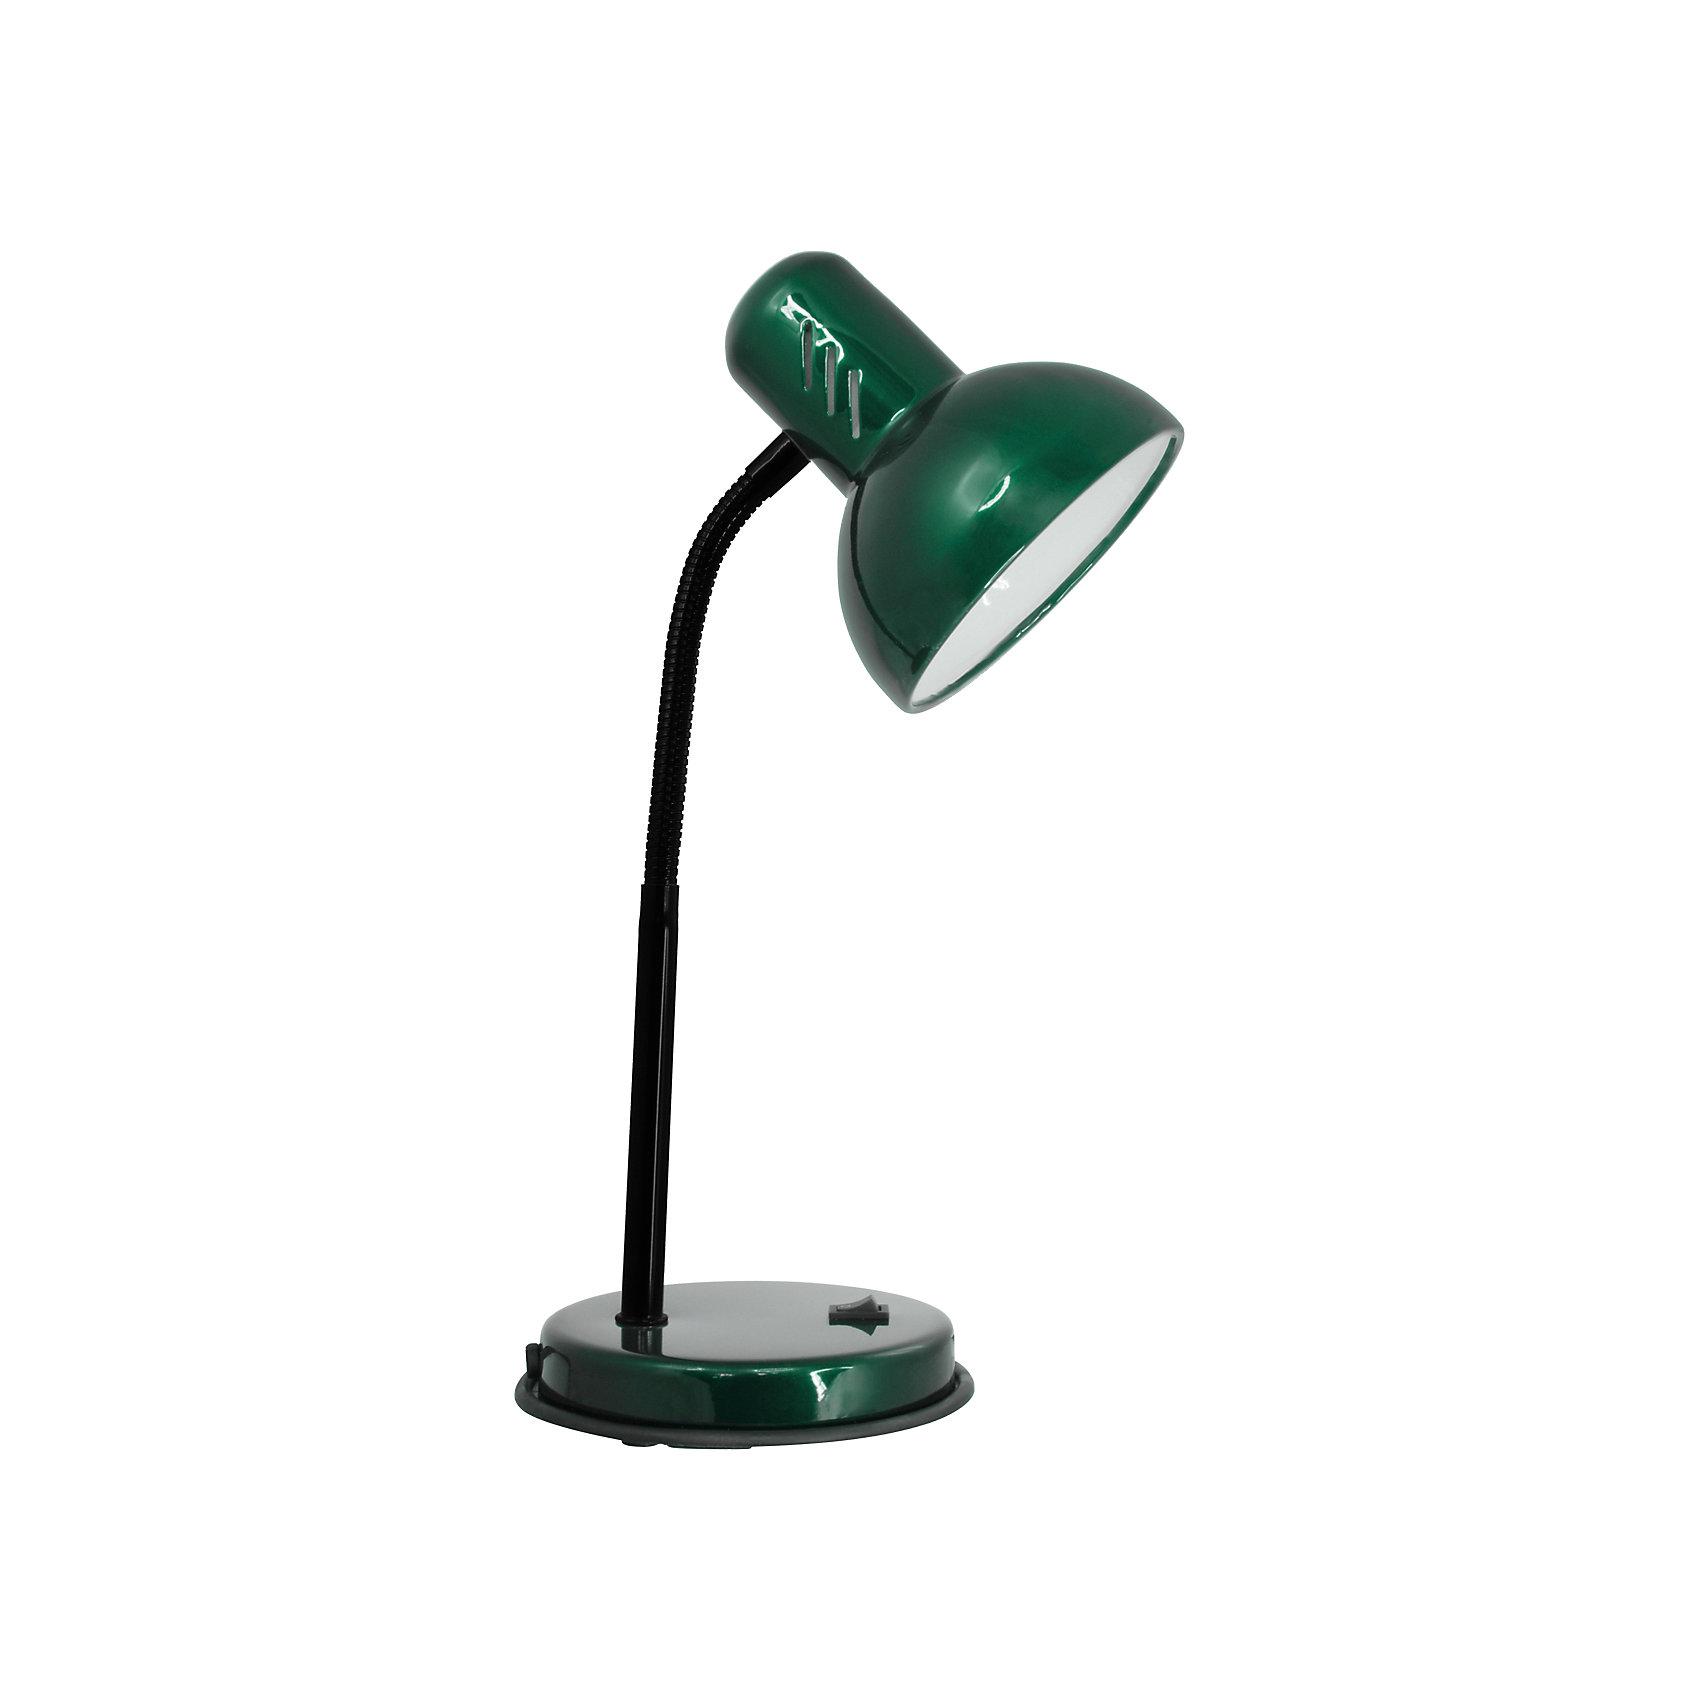 Зеленый перламутровый светильник, 40 ВтЛампы, ночники, фонарики<br>Зеленый перламутровый светильник, 40 Вт – это классический светильник для освещения рабочего стола.<br>Зеленый перламутровый светильник классического дизайна идеально подойдет для освещения рабочего места дома и в офисе. Плафон изготовлен из облегчённого металла, покрыт специальной устойчивой эмалью. Патрон светильника прочно закреплён, изготовлен из керамики. Сетевой шнур с вилкой длиной 1,8м. имеет двойную изоляцию, не требует заземления. Вилка изготовлена из пластичного материала, предотвращающего появление трещин. Светильник удобен и практичен в использовании.<br><br>Дополнительная информация: <br><br>- Материал плафона: металл<br>- Цвет: зеленый перламутровый<br>- Питание: от сети 220В<br>- Тип цоколя: E27<br>- Мощность лампы: 40 Вт<br>- Длина шнура питания с вилкой: 1,8 м.<br>- Размер светильника: 16х30х13,3 см.<br>- Размер упаковки: 26х22,5х16,3 см.<br>- Вес: 860 гр.<br><br>Зеленый перламутровый светильник, 40 Вт можно купить в нашем интернет-магазине.<br><br>Ширина мм: 260<br>Глубина мм: 225<br>Высота мм: 163<br>Вес г: 860<br>Возраст от месяцев: 36<br>Возраст до месяцев: 192<br>Пол: Унисекс<br>Возраст: Детский<br>SKU: 4641466